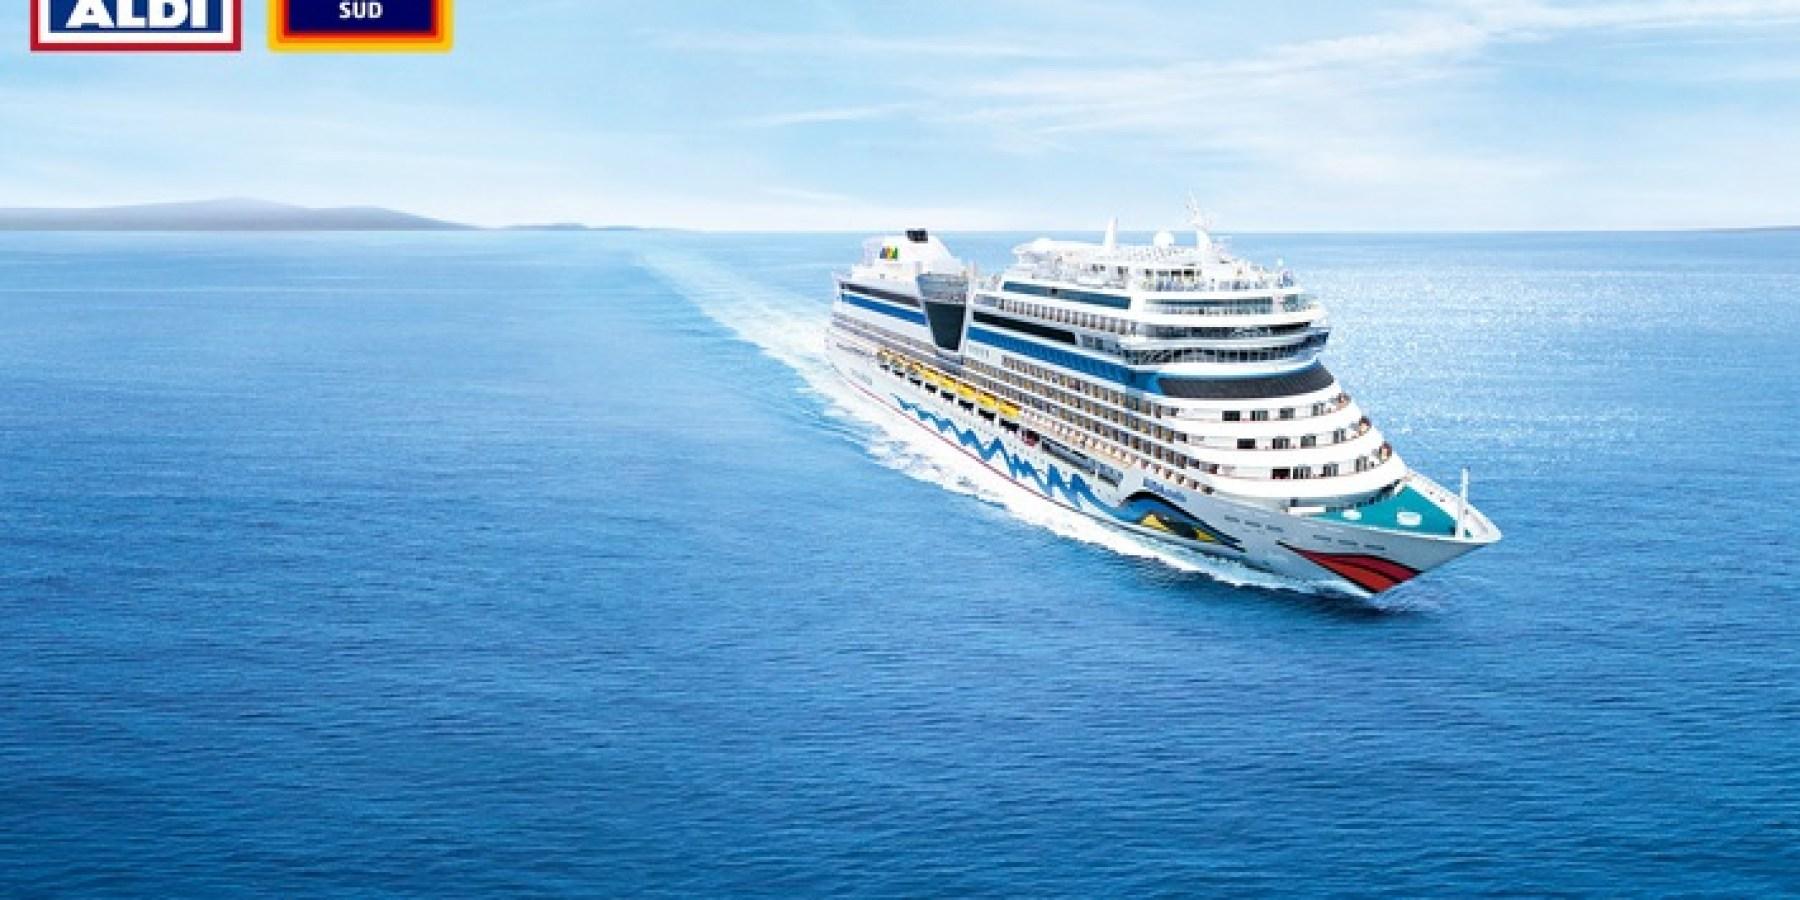 ALDI kooperiert für ALDI Reisen mit AIDA Cruises